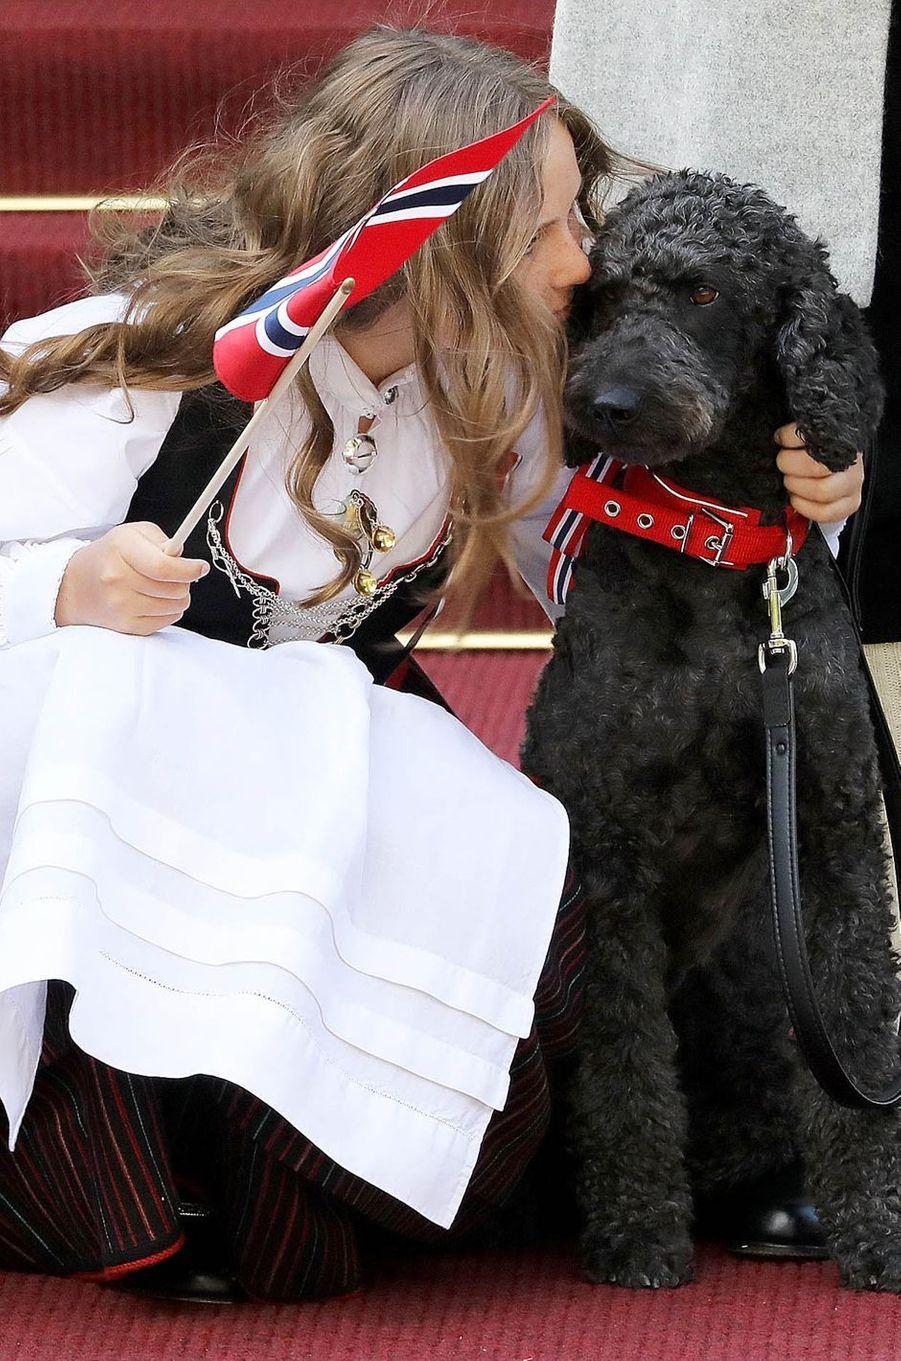 La princesse Ingrid Alexandra de Norvège et son chien Muffins Kråkebolle à Asker, le 17 mai 2018